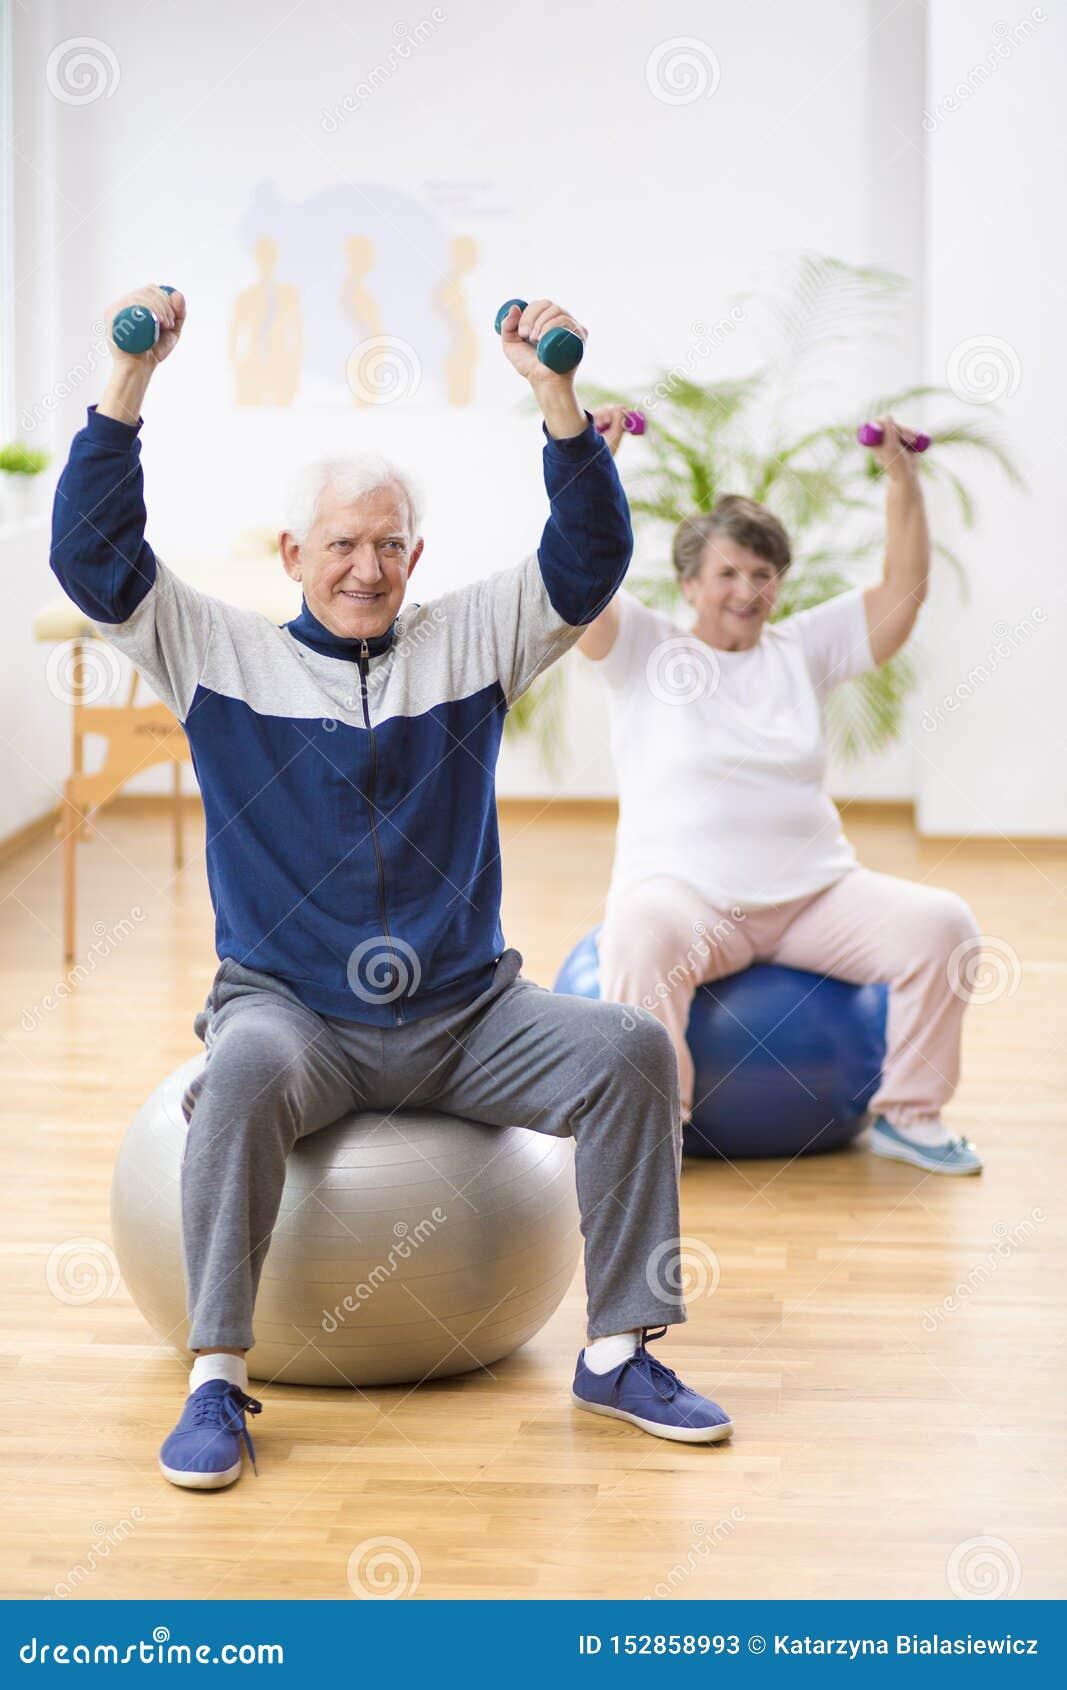 年长行使在体操球的男人和妇女在物理疗法会议期间在医院